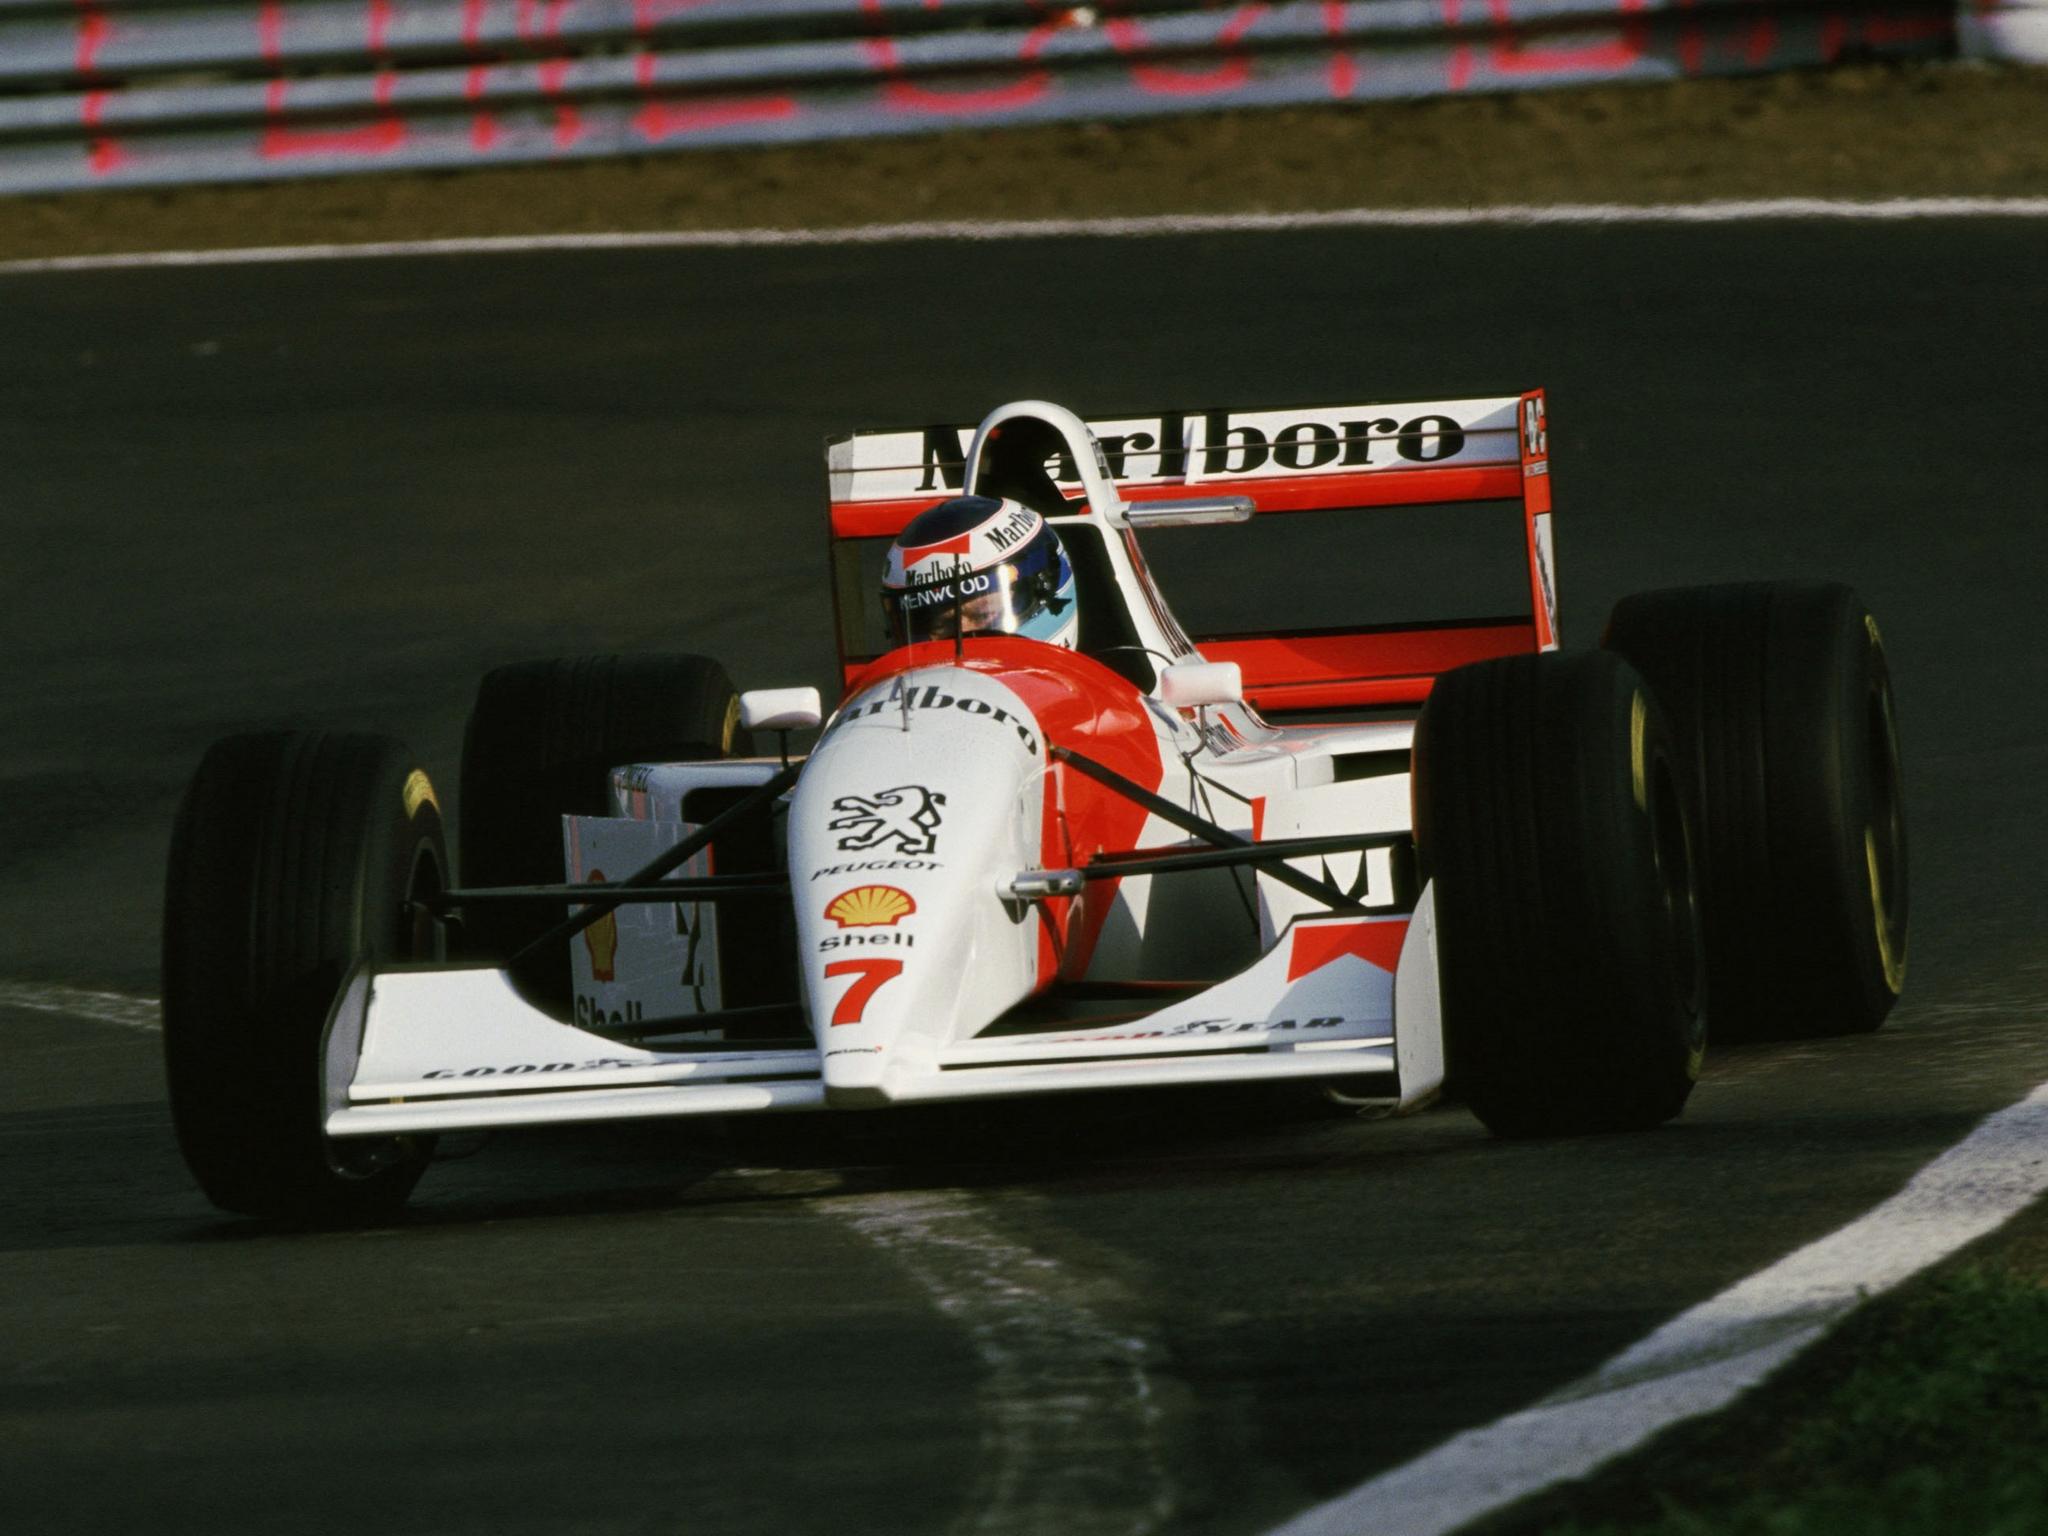 Peugeot s'engage en F1 en 1994 avec McLaren.. .une association qui ne durera qu'une année